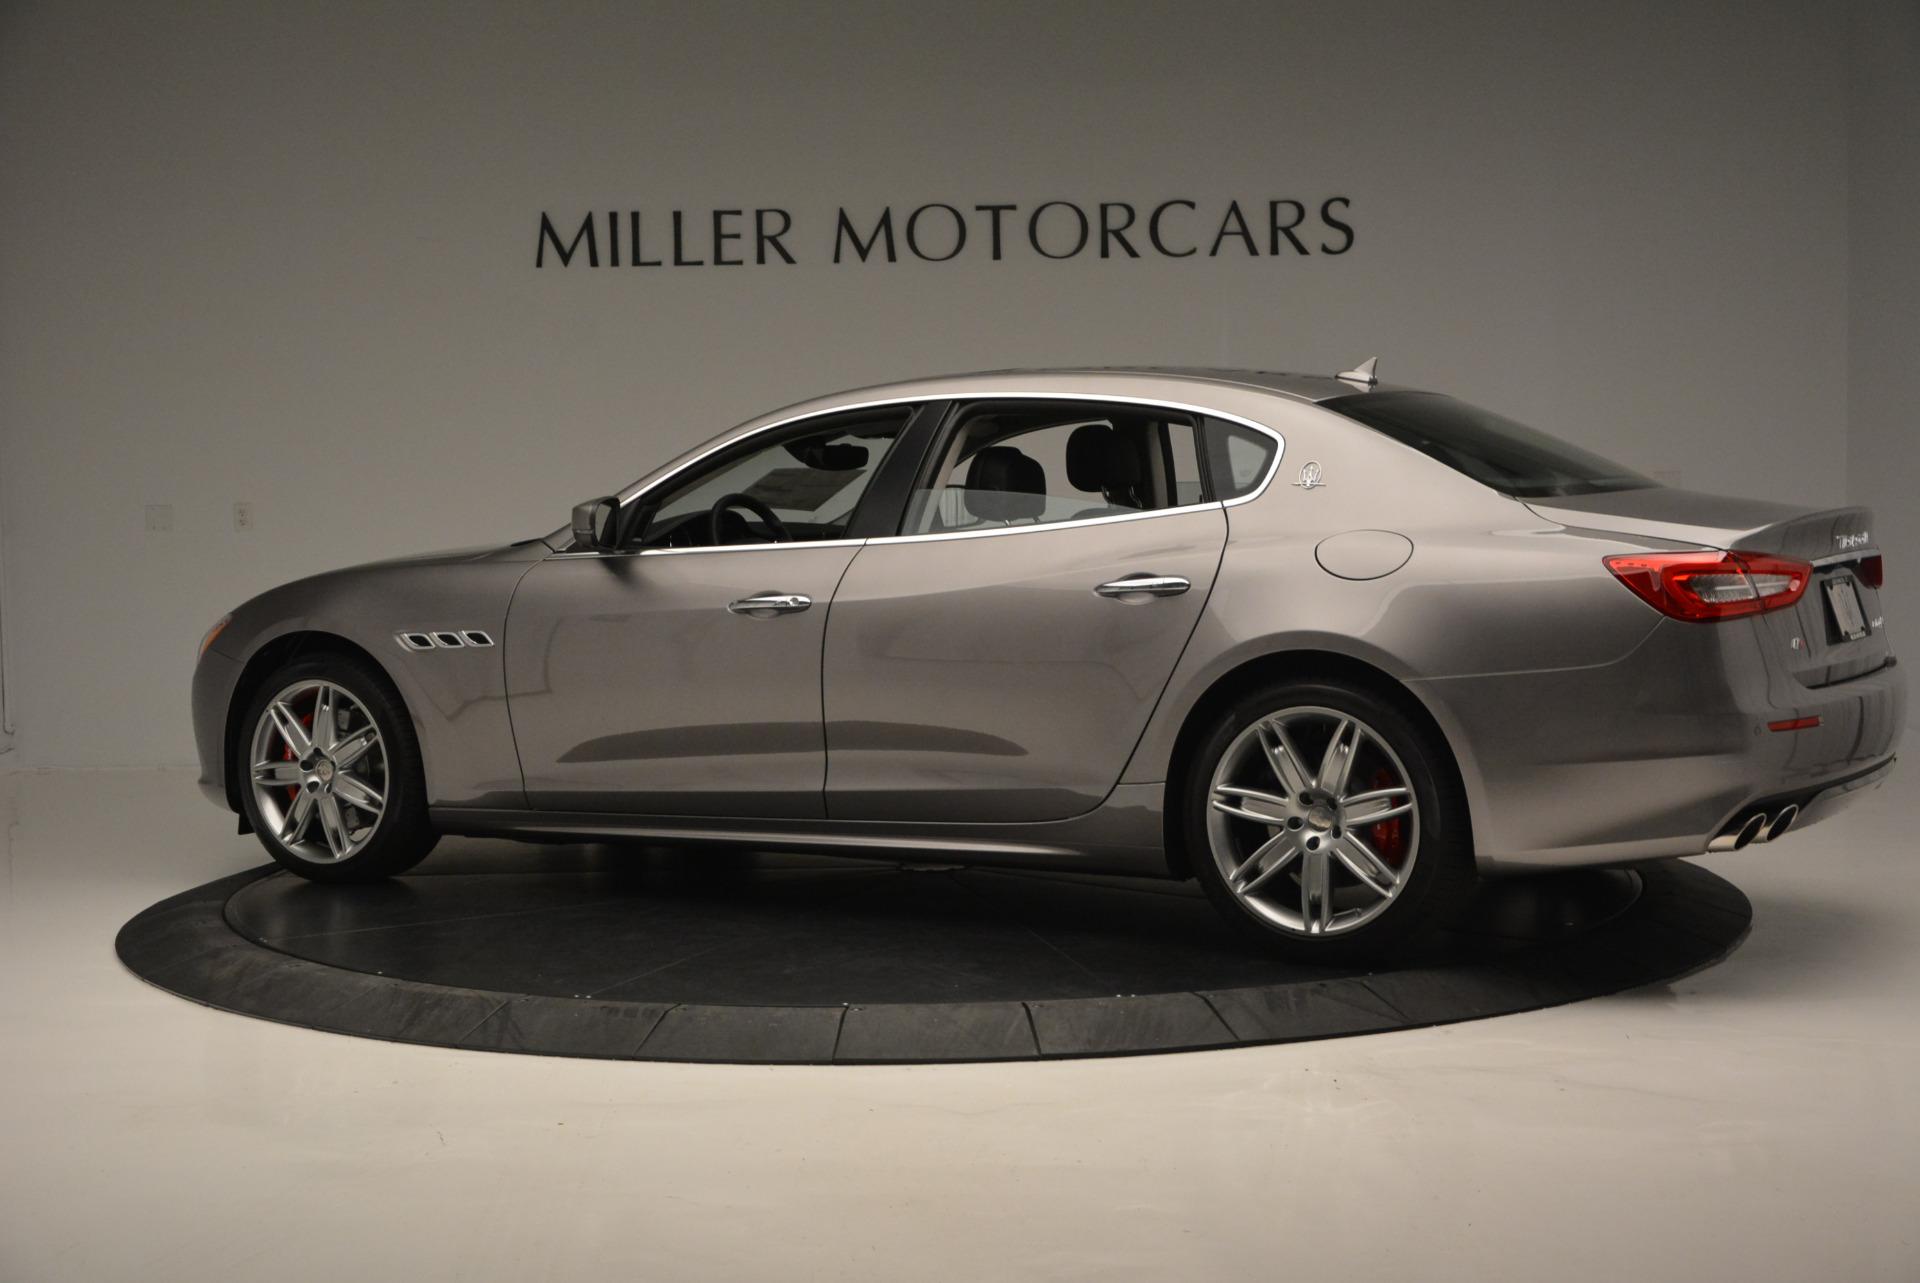 New 2017 Maserati Quattroporte S Q4 GranLusso For Sale In Greenwich, CT. Alfa Romeo of Greenwich, M1686 611_p4